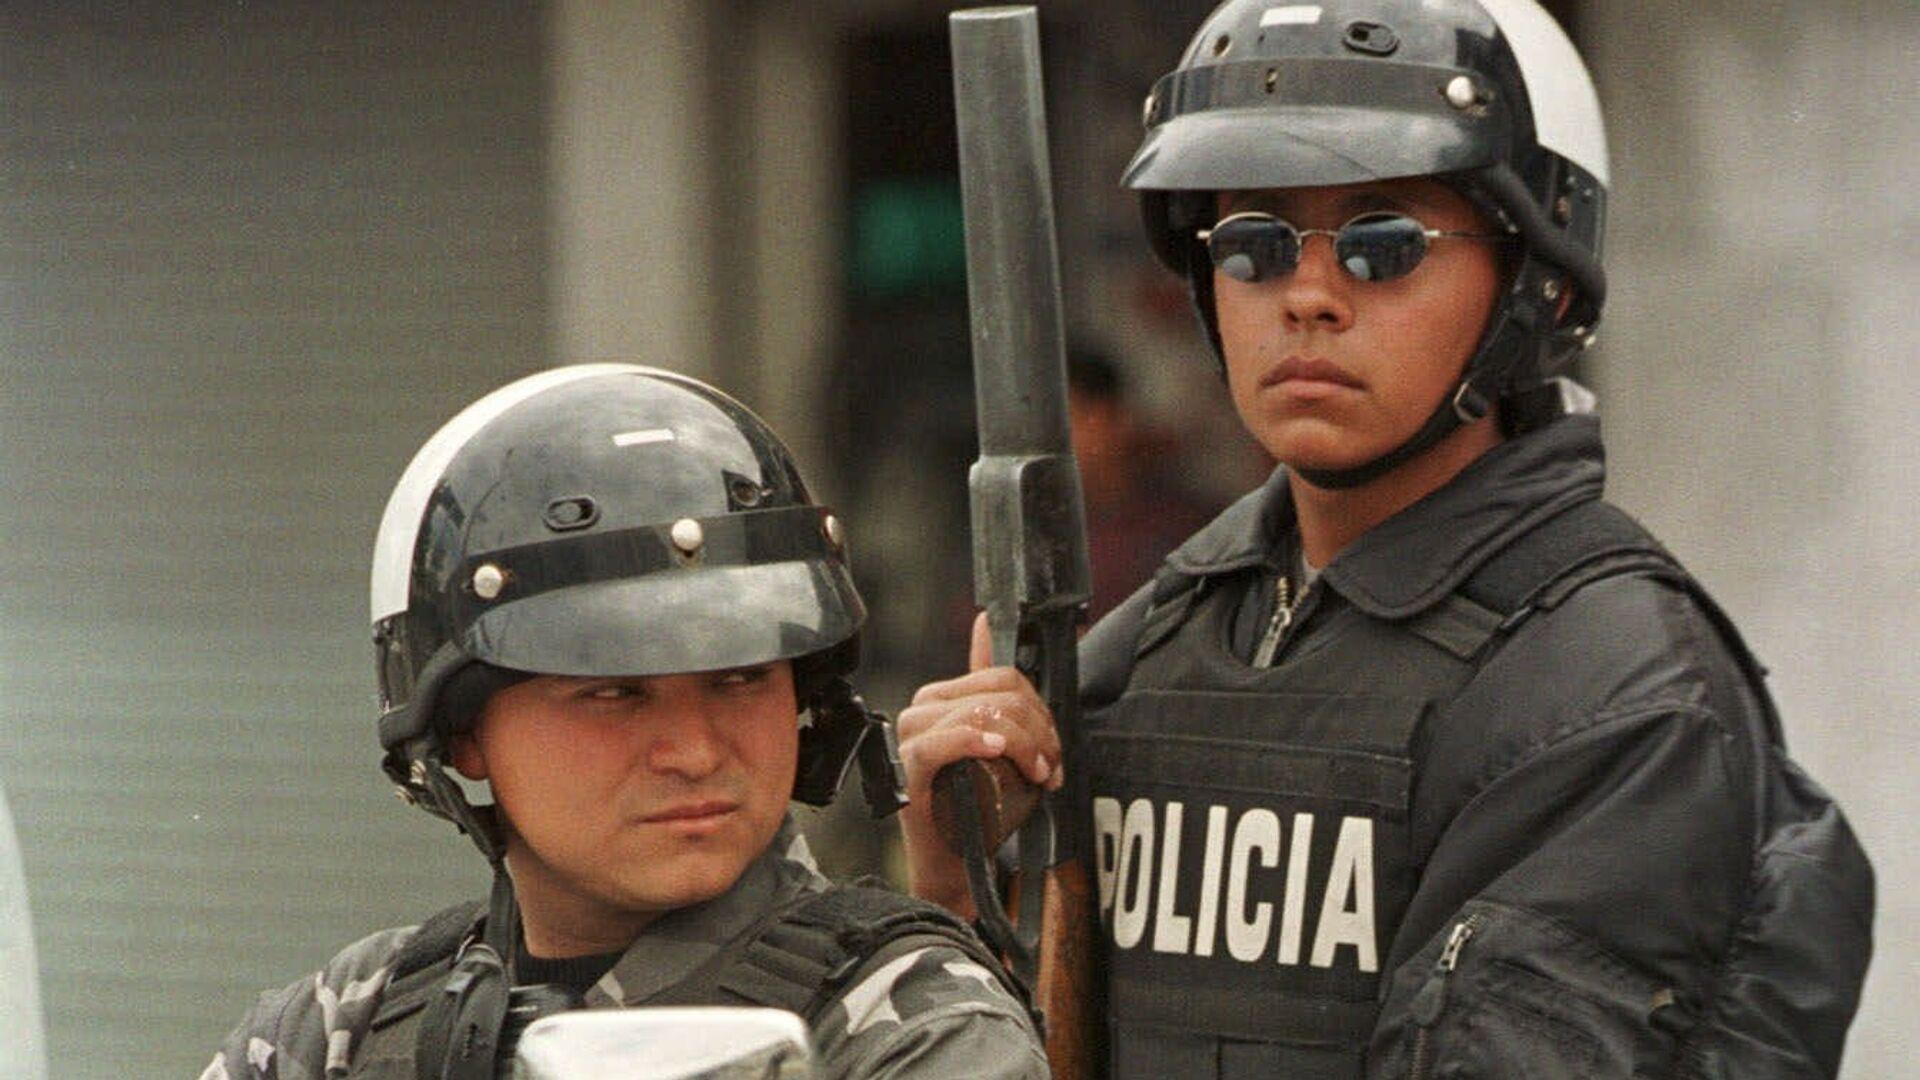 Policía de Ecuador (archivo) - Sputnik Mundo, 1920, 16.08.2021